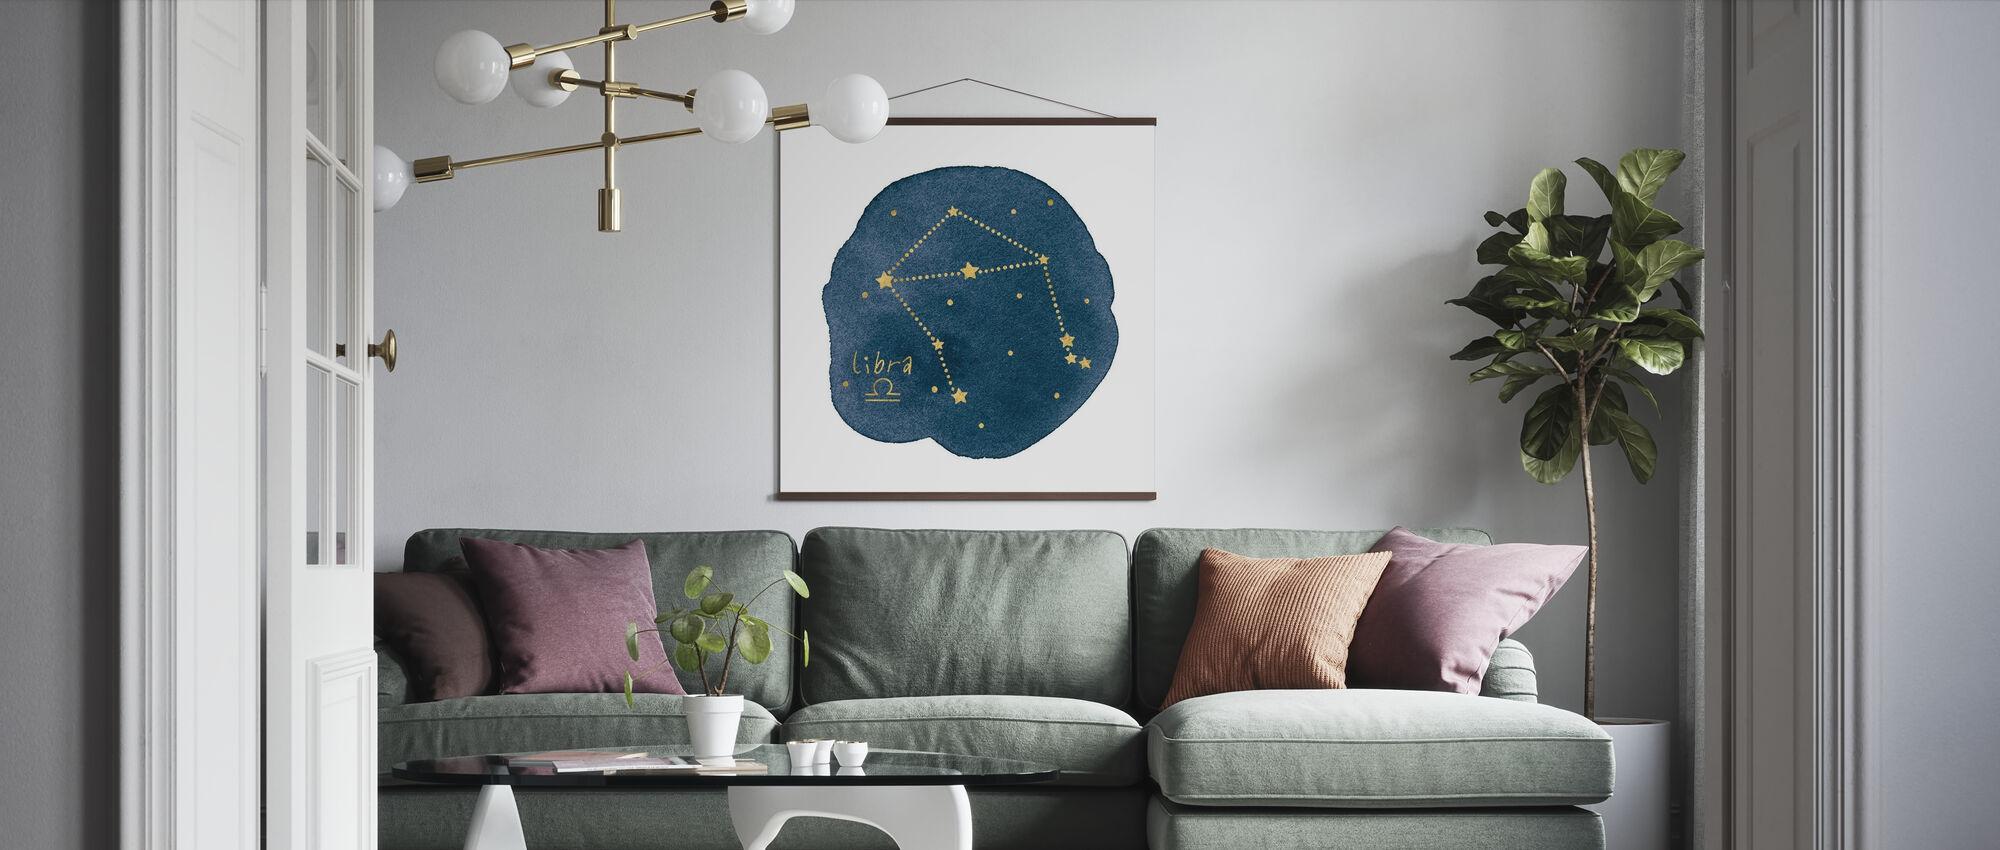 Horoskop Vågen - Poster - Vardagsrum